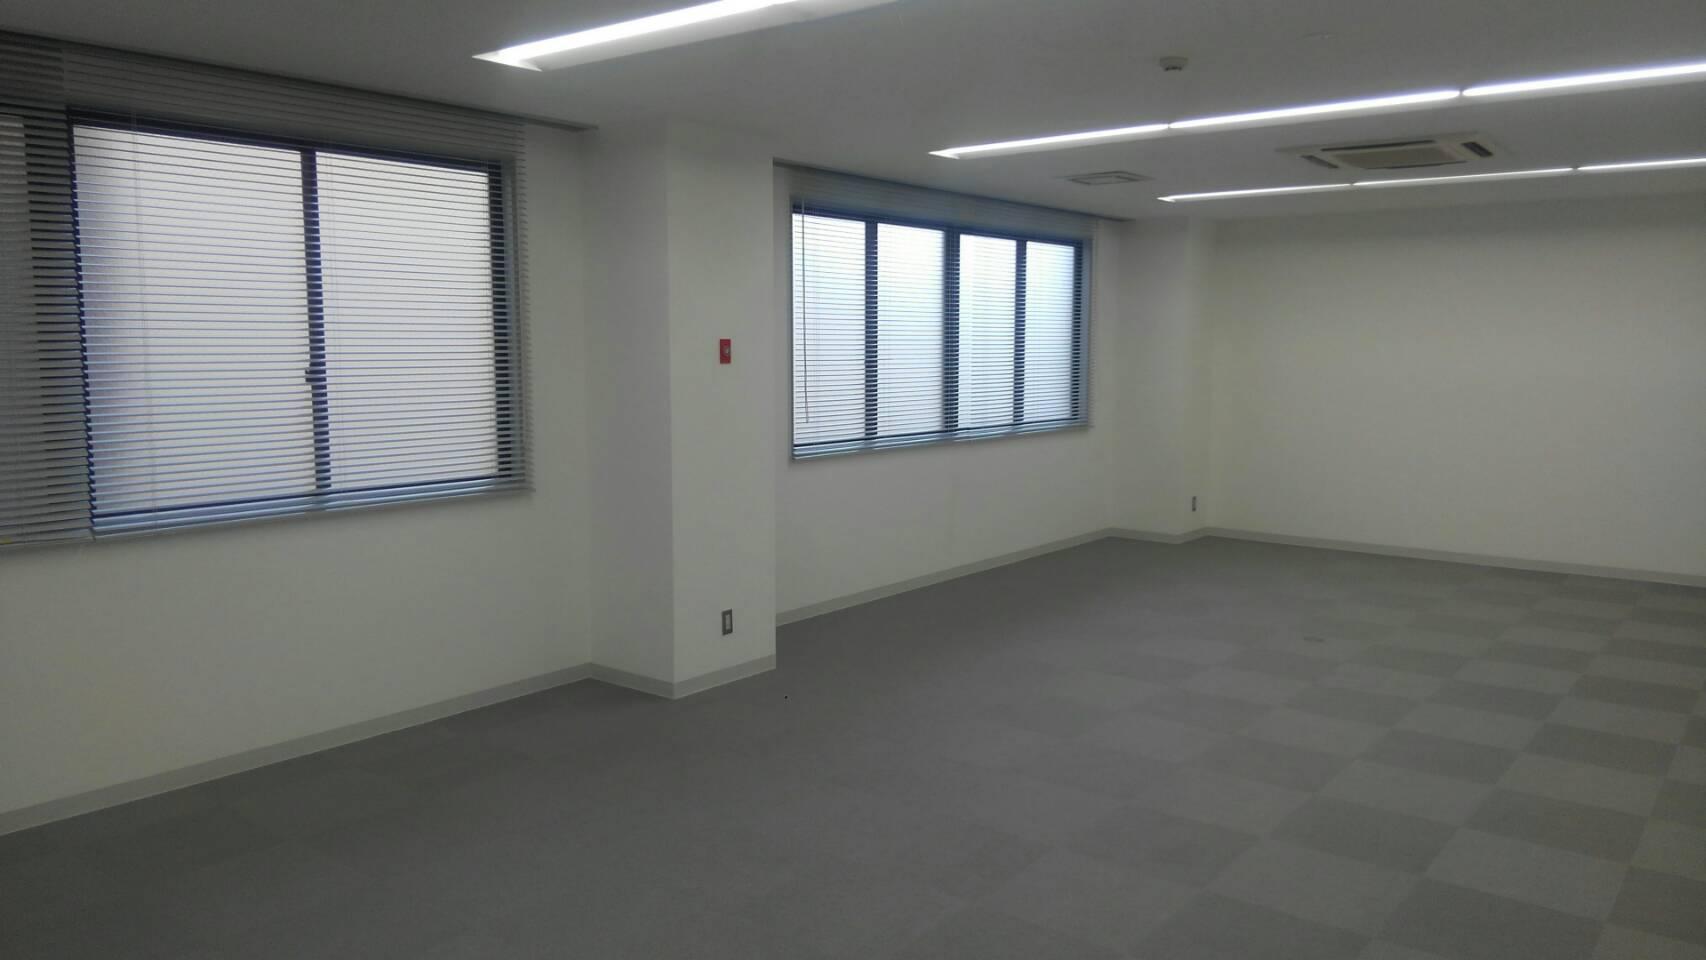 オフィス塗替え後 名古屋市オフィス原状回復工事